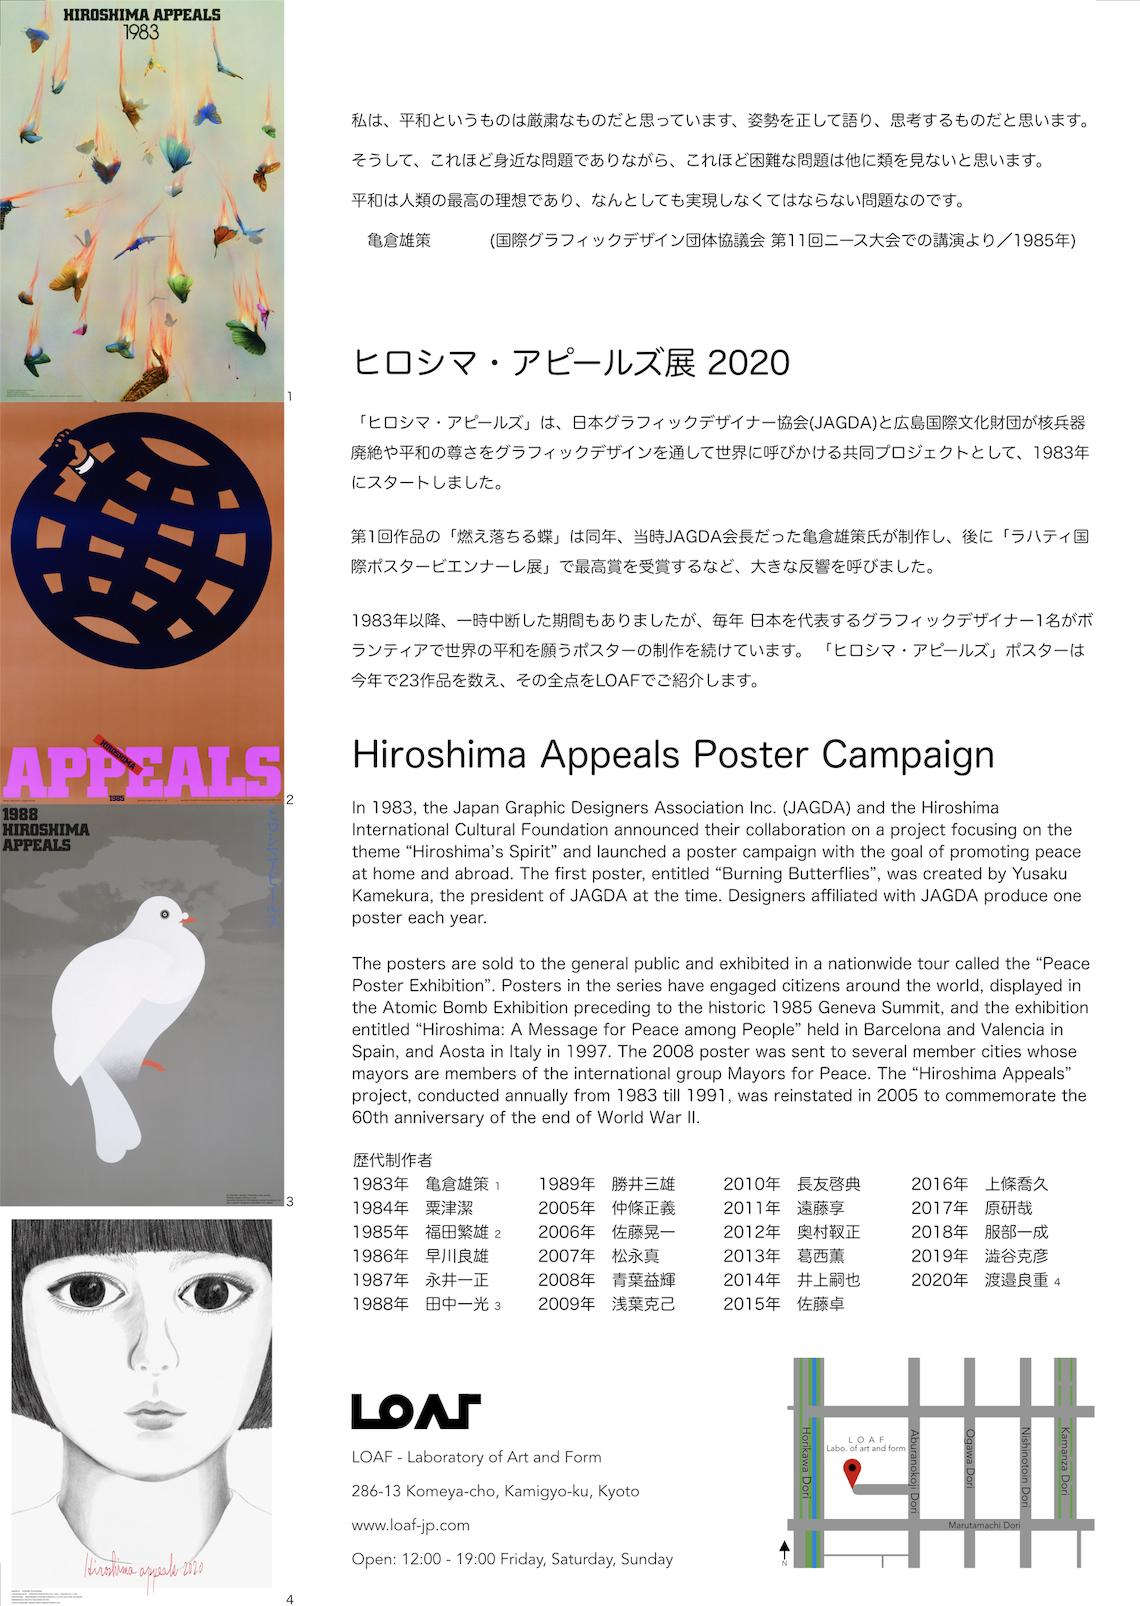 「ヒロシマ・アピールズ展2020」(会員多数)